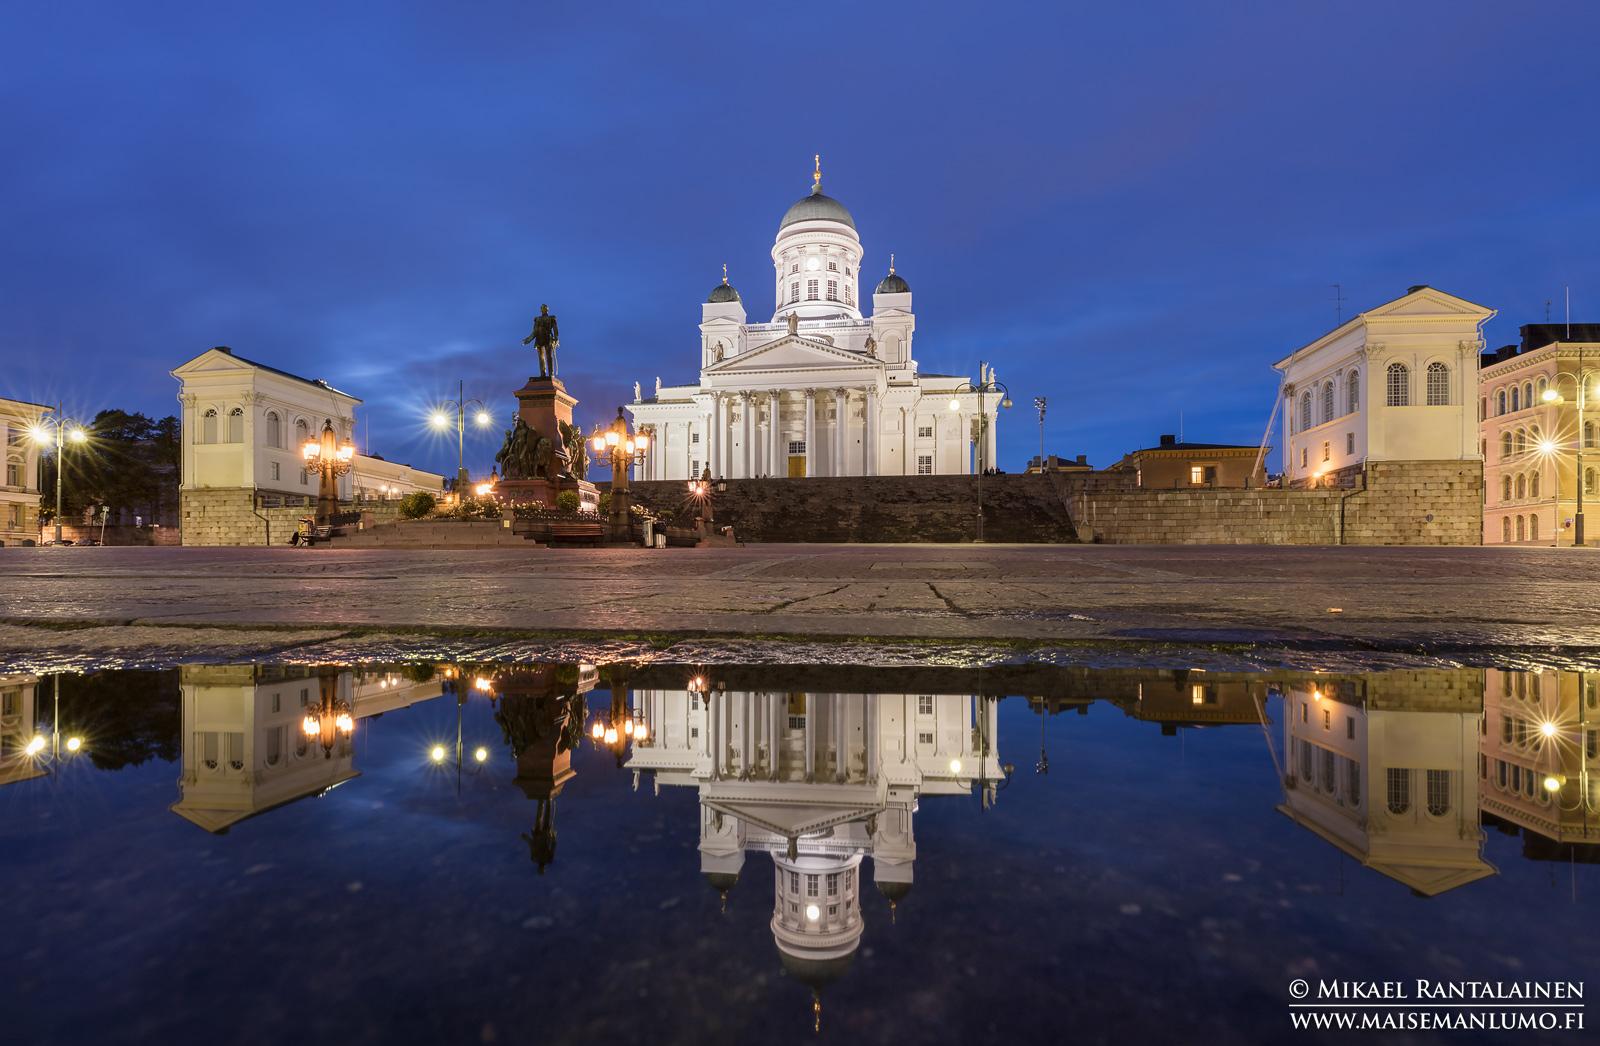 Tuomiokirkko ja Aleksanteri II:n patsas, Senaatintori, Helsinki